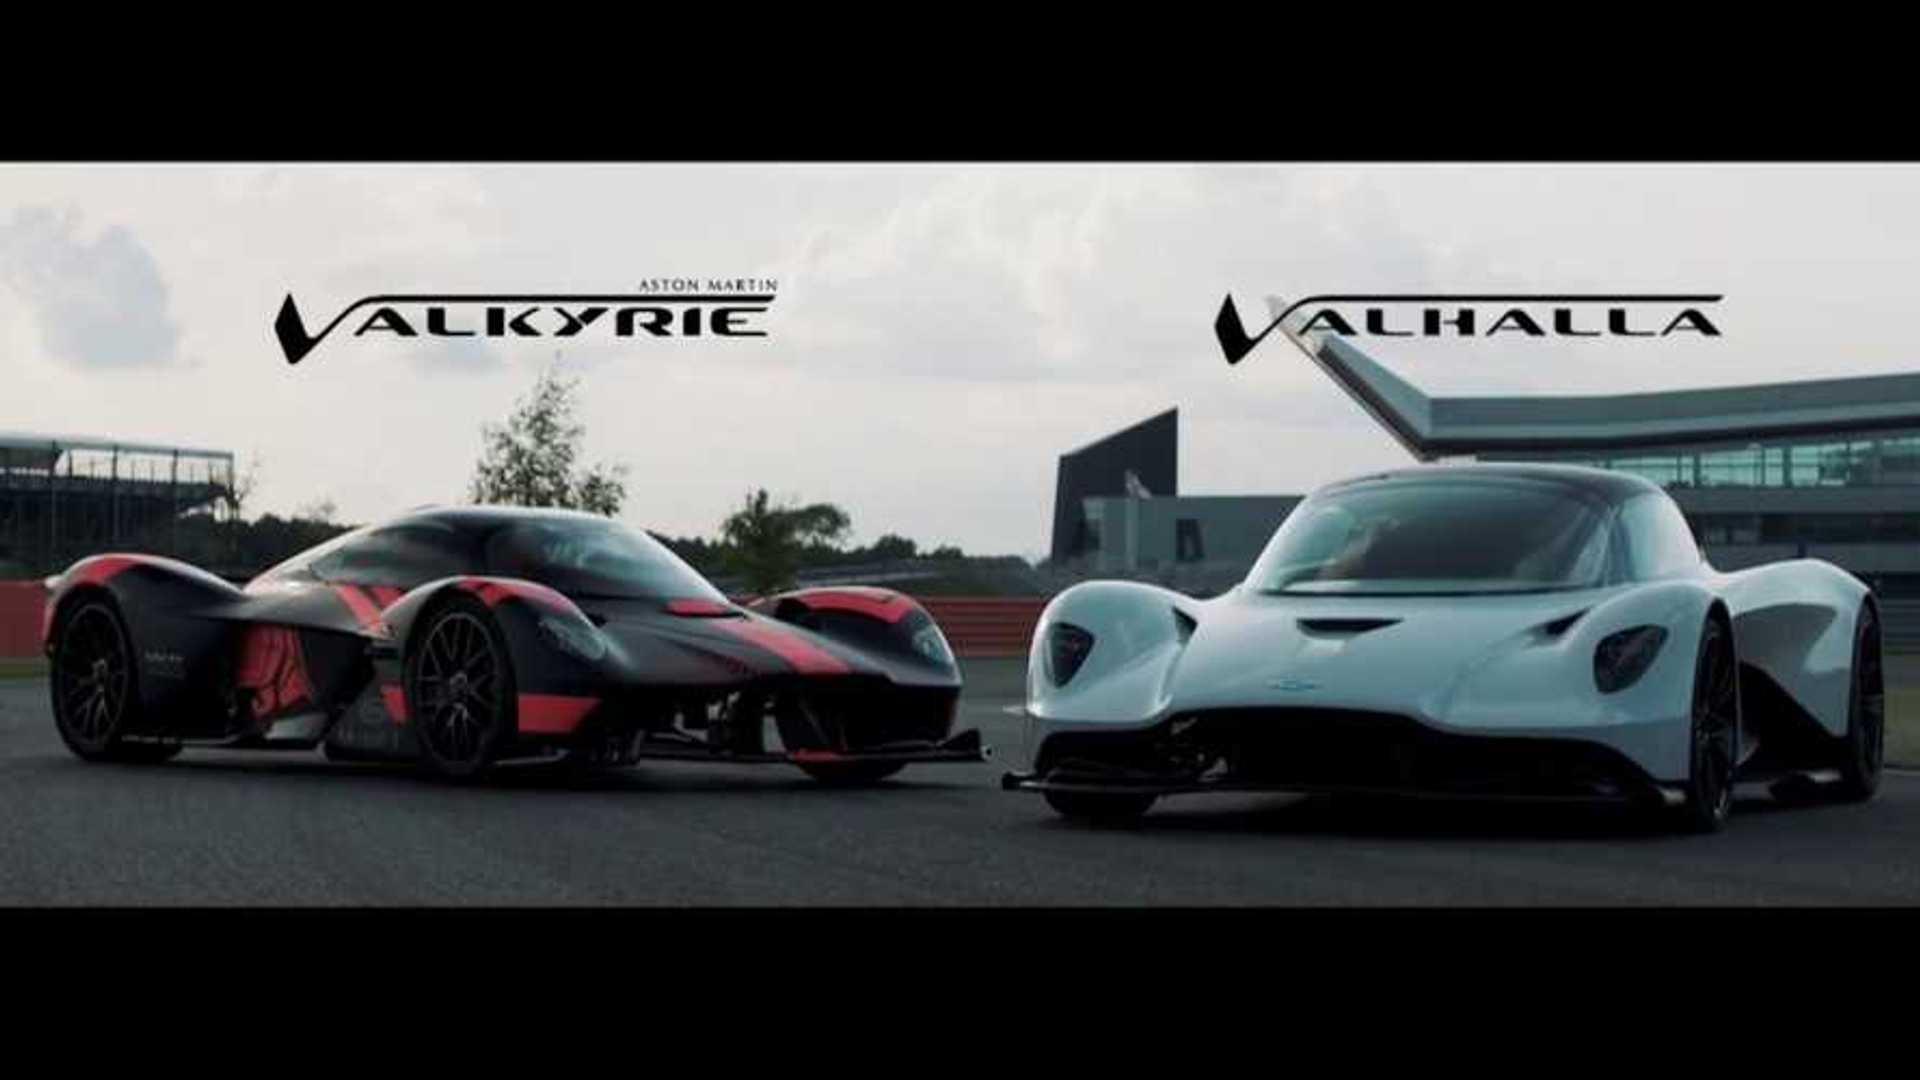 Aston Martin Valkyrie And Valhalla Take A Ride Around Silverstone